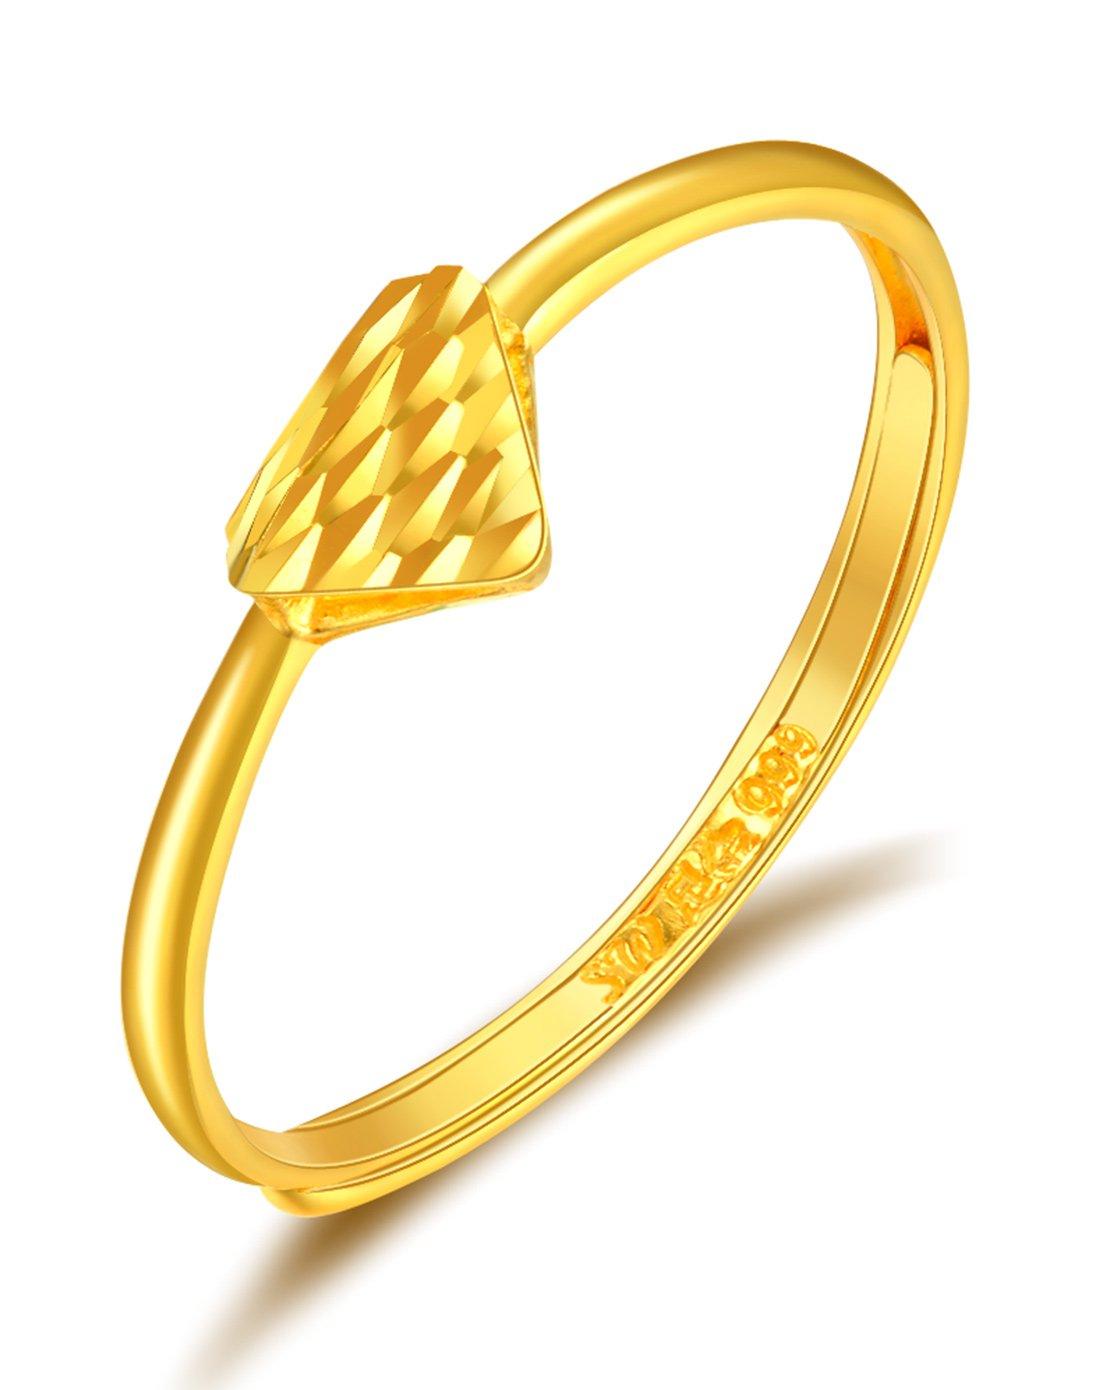 萃华萃华 闪亮系列足金三角形戒指 (计价)VRJ1609062120